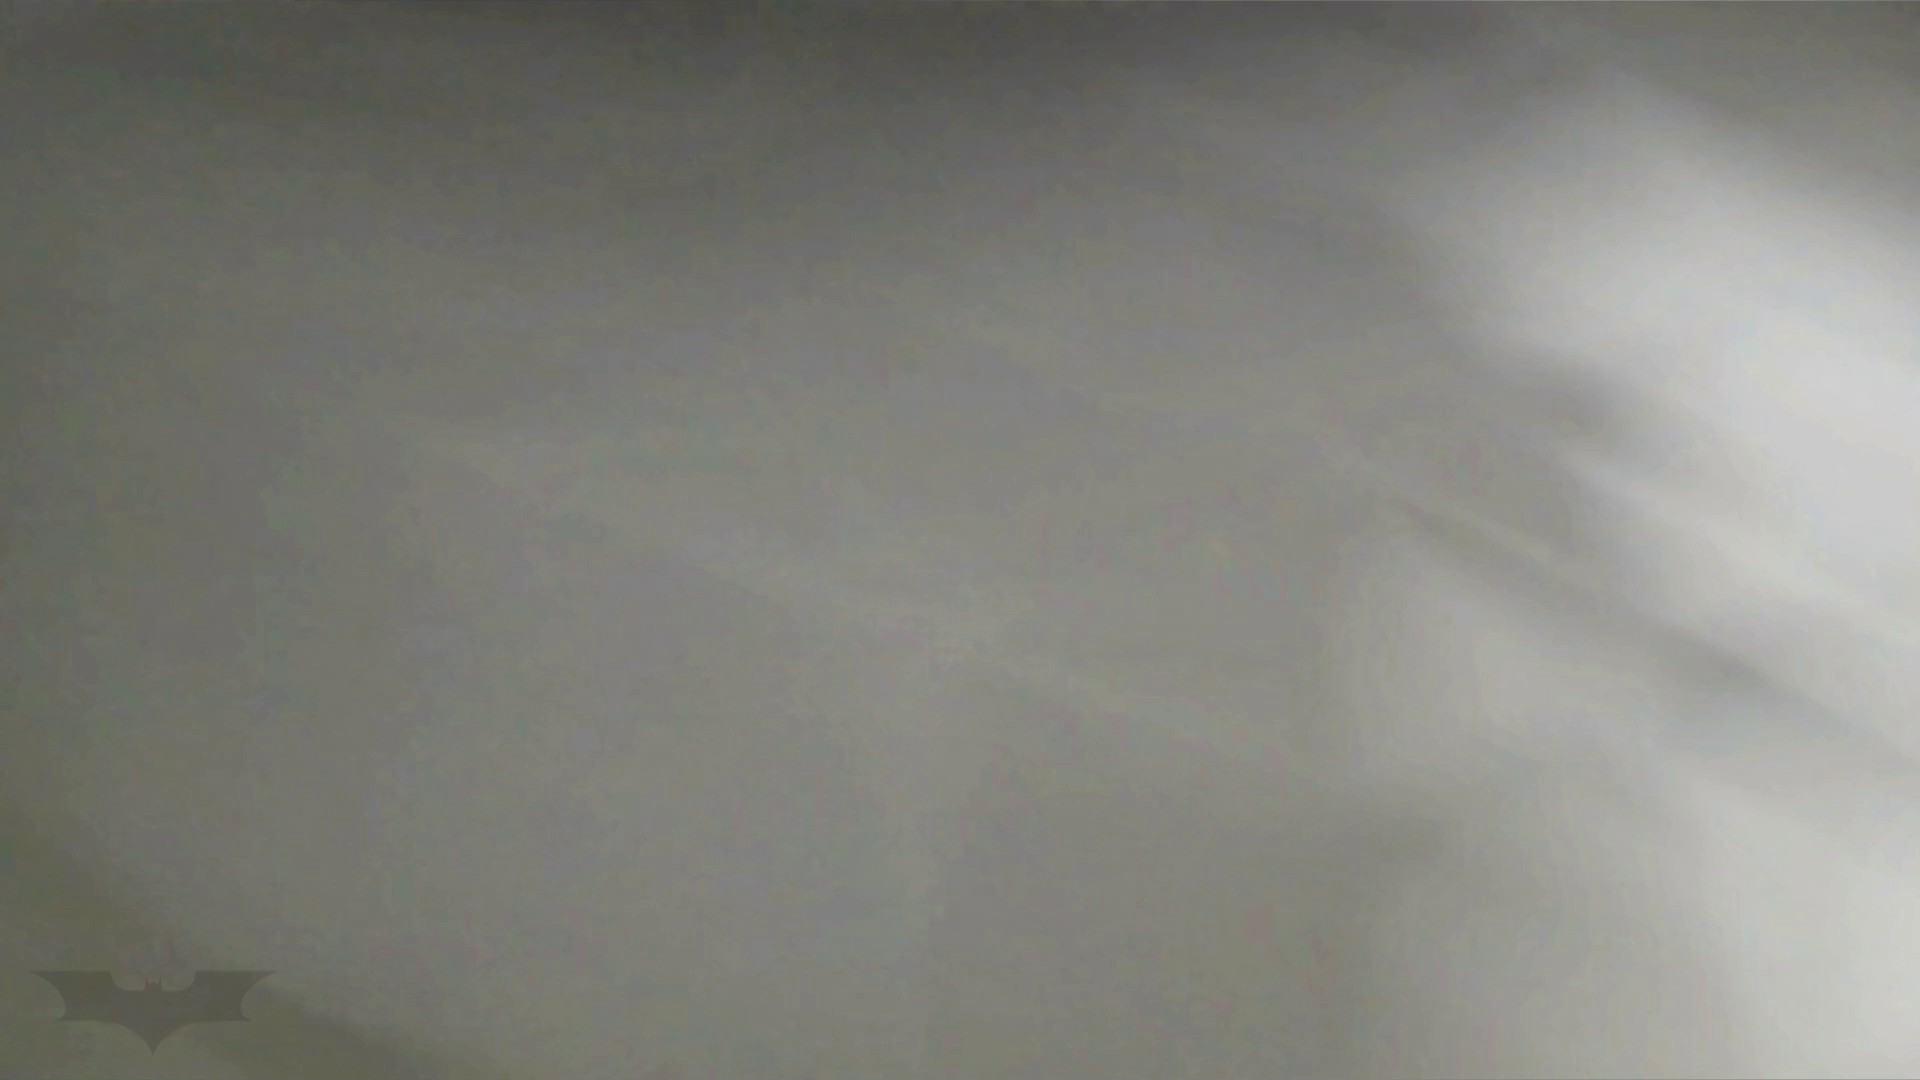 お市さんの「お尻丸出しジャンボリー」 09 発見!可愛い日本人二人組 美人編 オマンコ動画キャプチャ 108画像 89